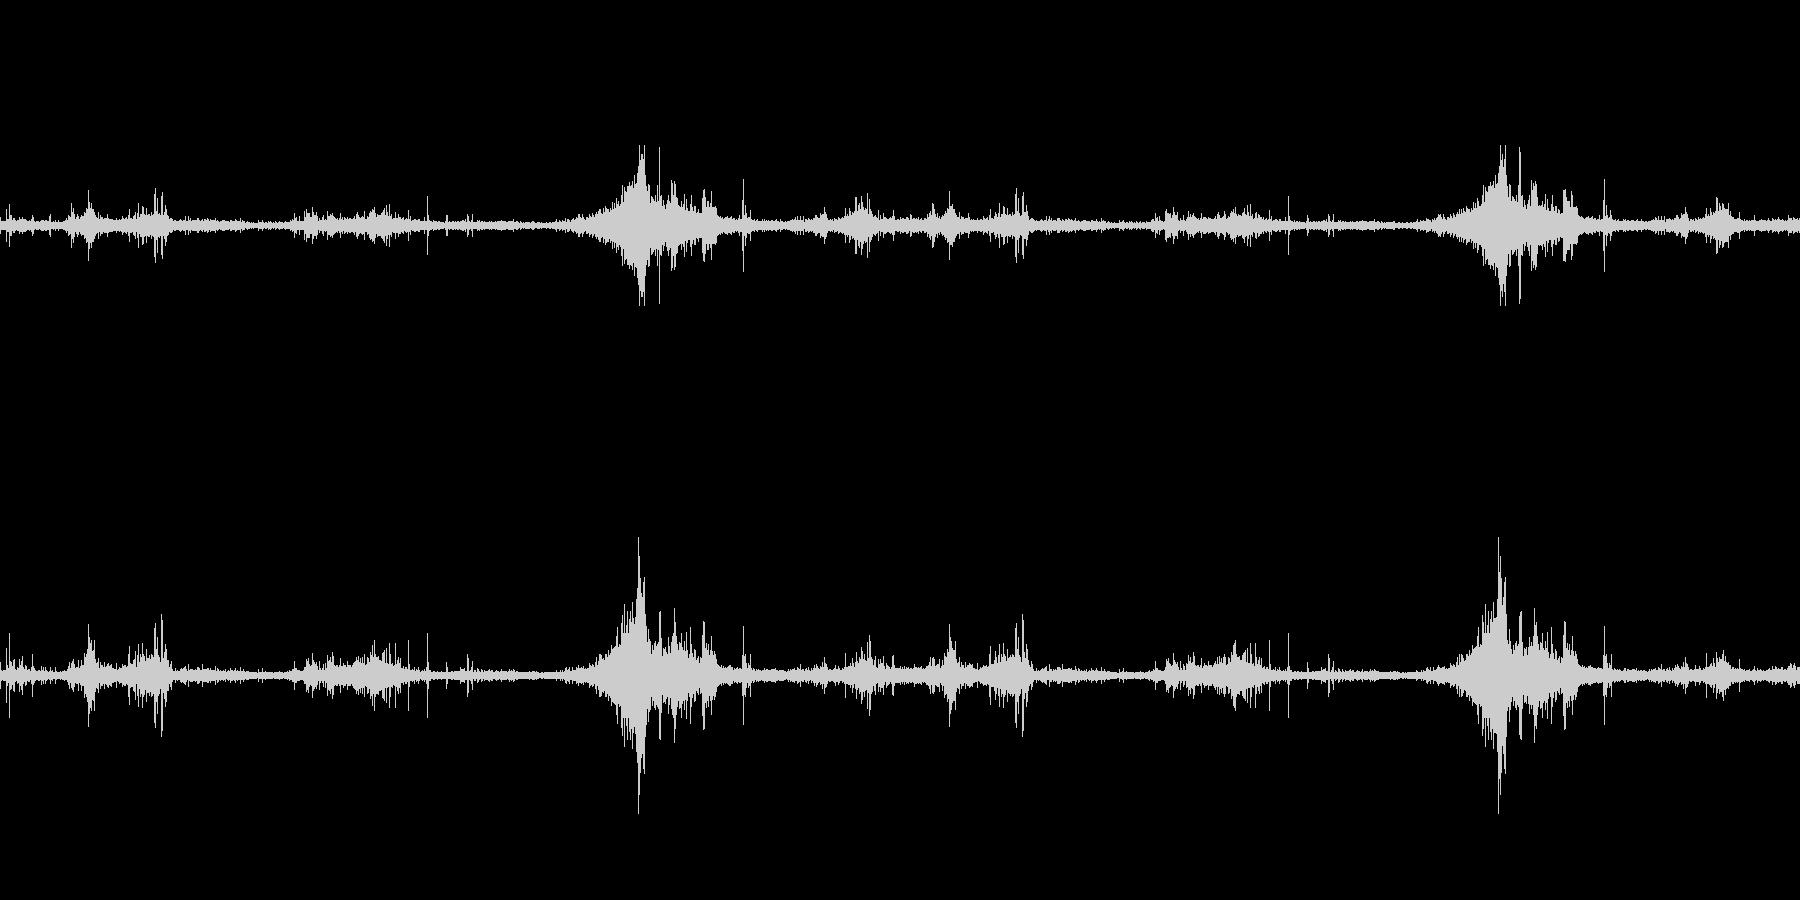 海面の音-1の未再生の波形